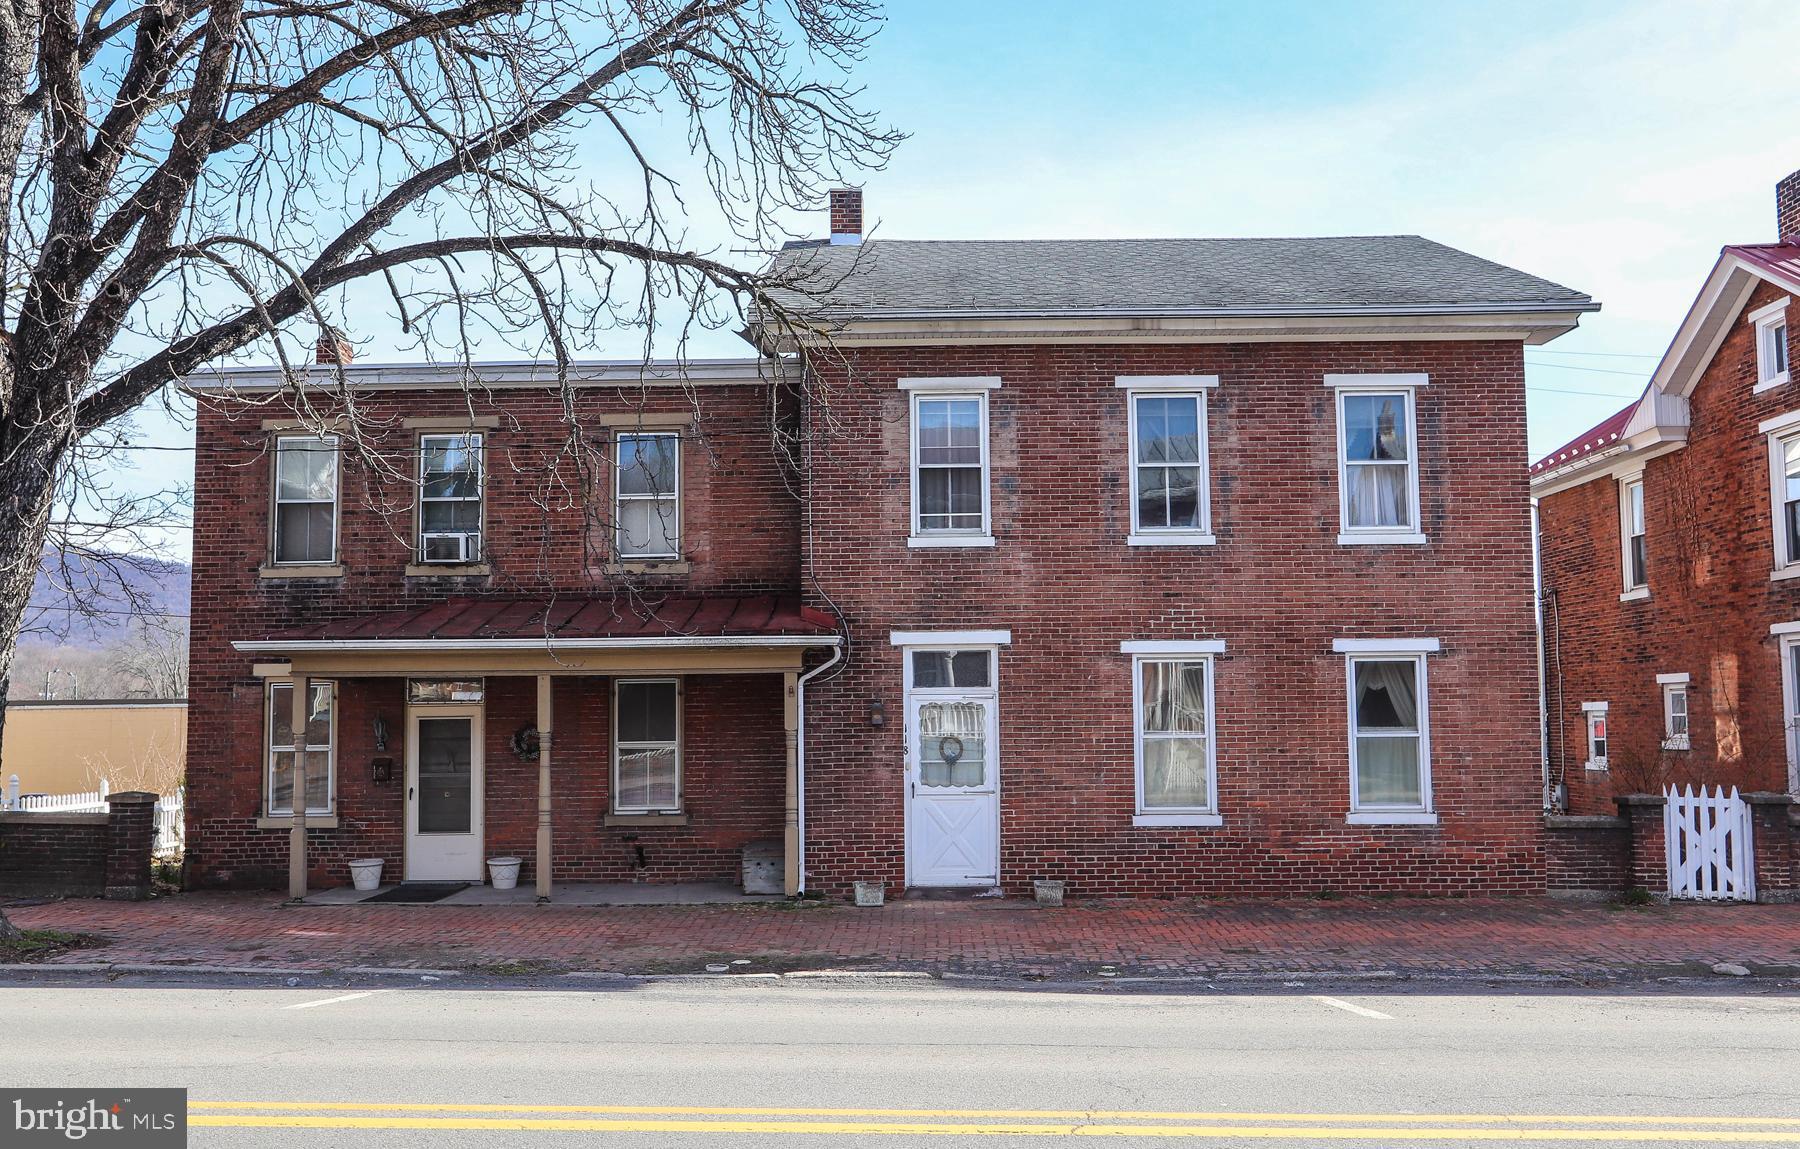 118 N 4TH STREET, NEWPORT, PA 17074